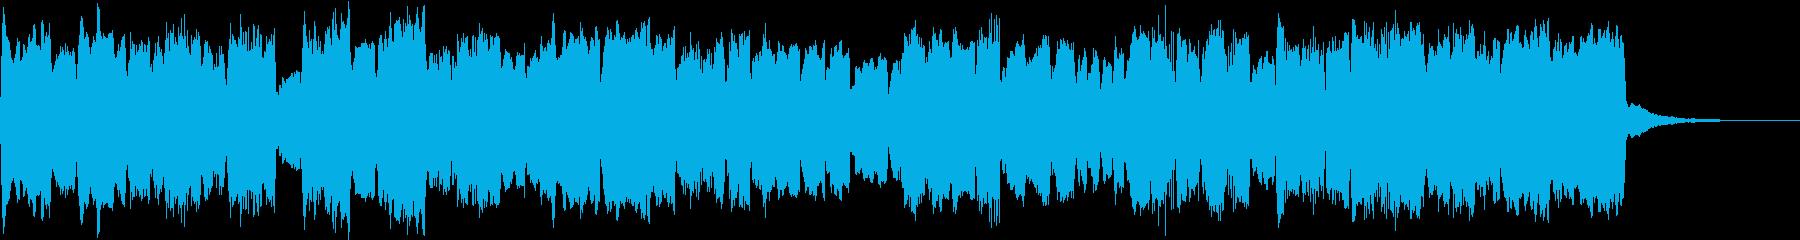 ほのぼのクリスマス、パイプオルガンの小曲の再生済みの波形